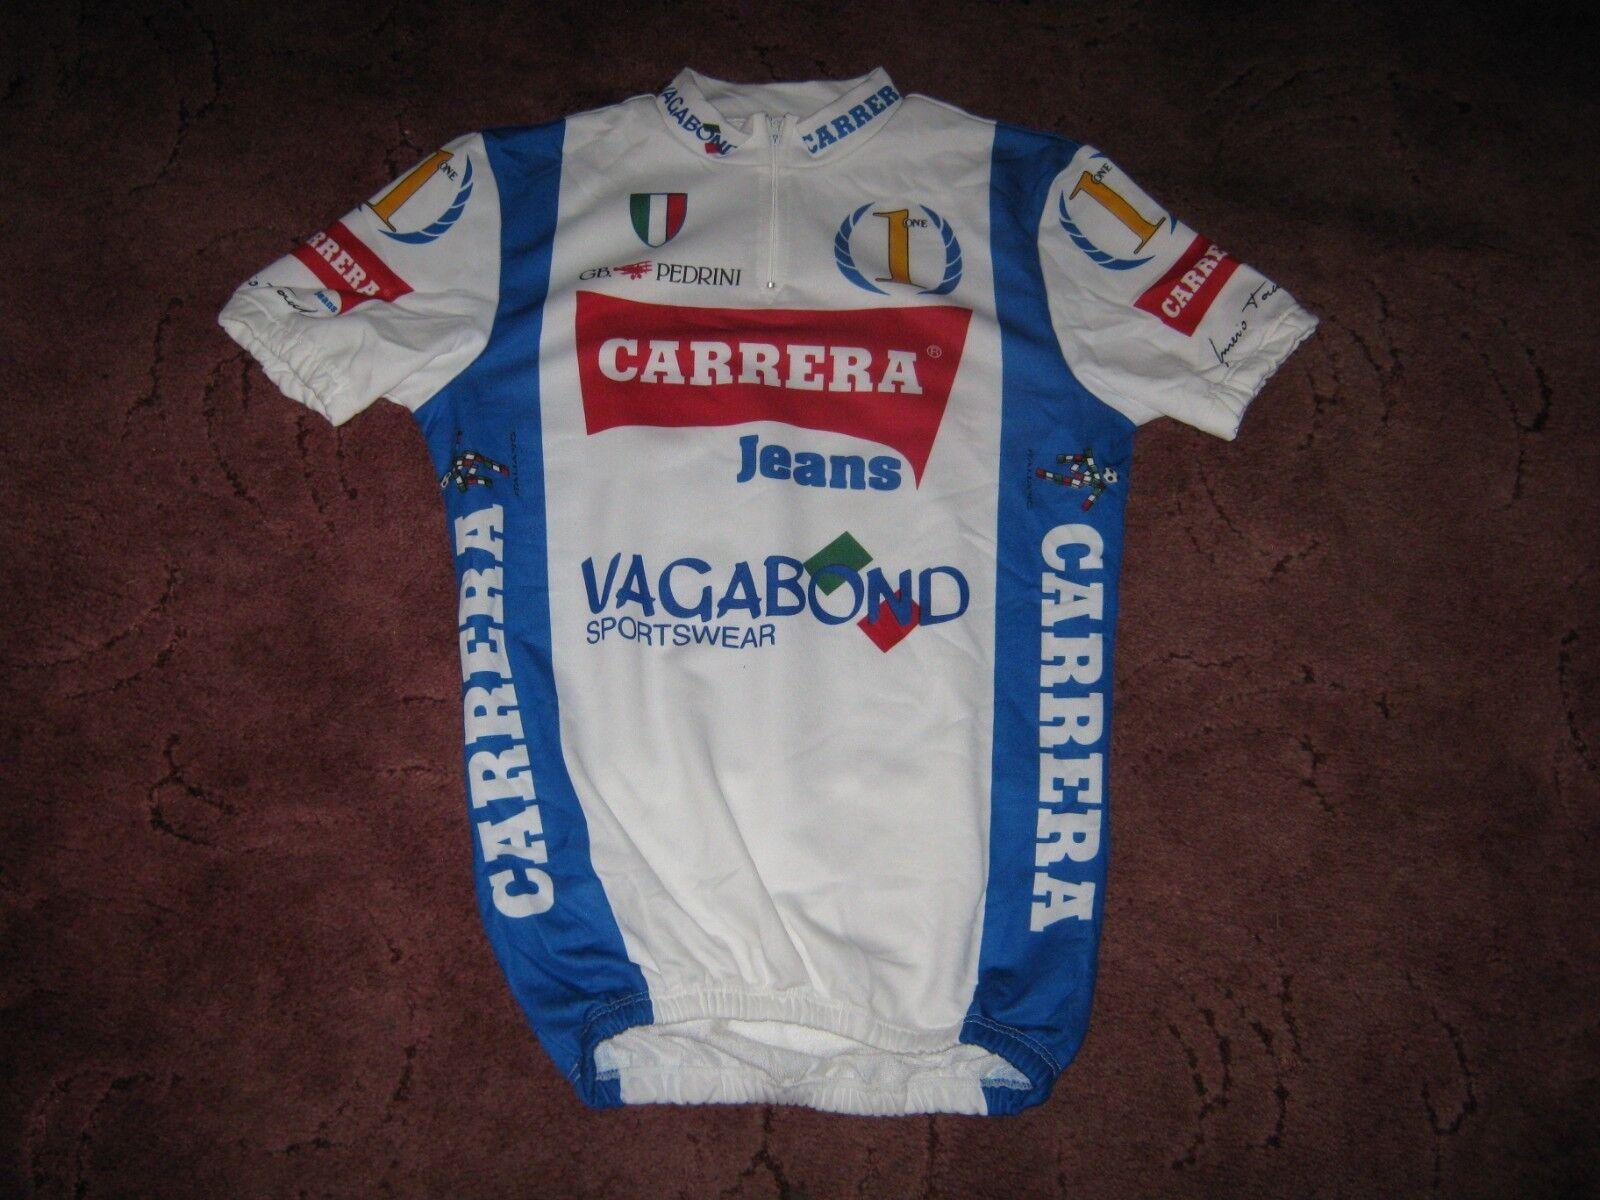 CARRERA VAGABOND 1990 NALINI Italiano Ciclismo Jersey nn. [XL] nn. Jersey d97c8f